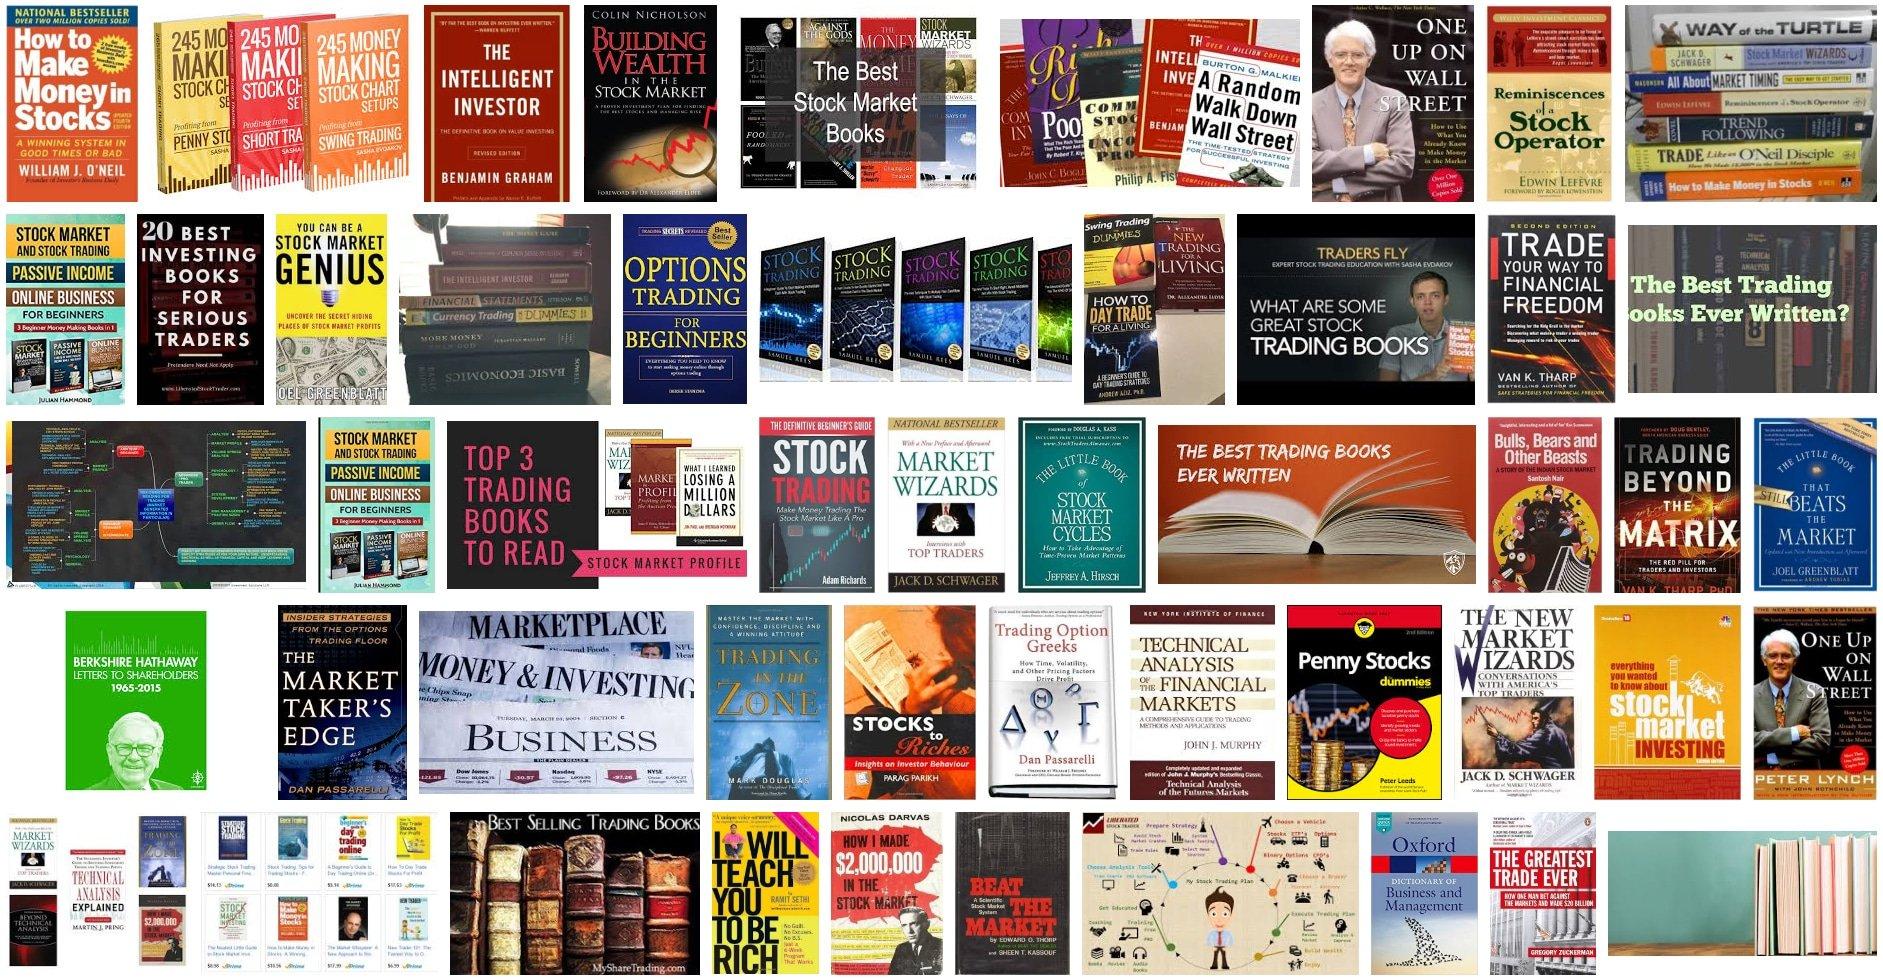 mejores libros sobre trading